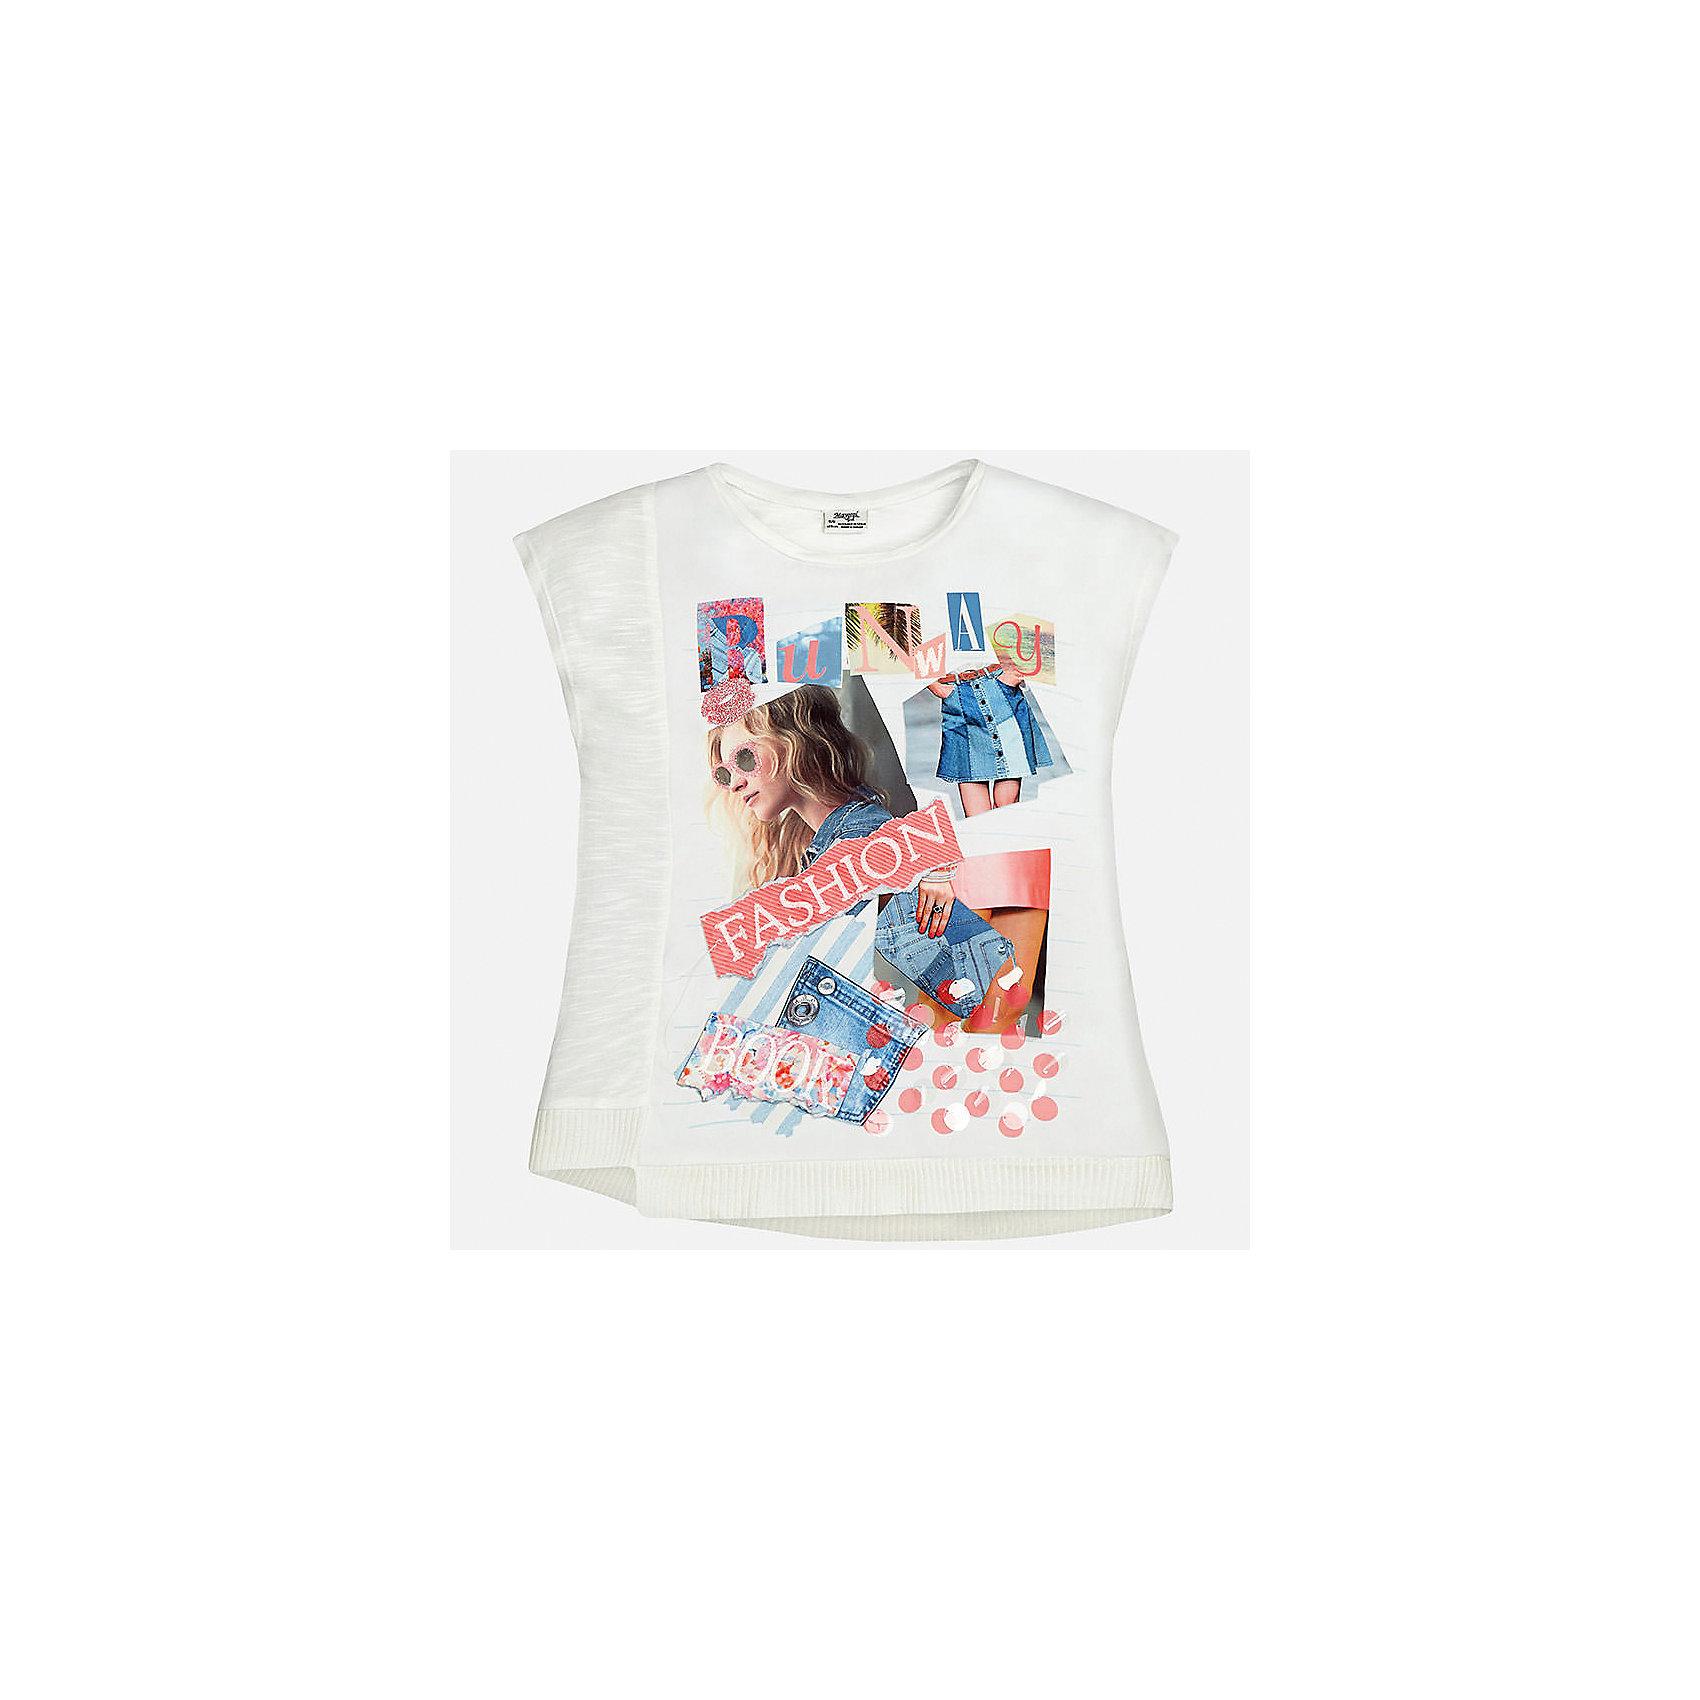 Футболка для девочки MayoralФутболки, поло и топы<br>Характеристики товара:<br><br>• цвет: молочный<br>• состав: 100% хлопок<br>• декорирована принтом<br>• короткие рукава<br>• округлый горловой вырез<br>• страна бренда: Испания<br><br>Стильная качественная футболка для девочки поможет разнообразить гардероб ребенка и украсить наряд. Она отлично сочетается и с юбками, и с шортами, и с брюками. Универсальный цвет позволяет подобрать к вещи низ практически любой расцветки. Интересная отделка модели делает её нарядной и оригинальной. В составе ткани - только натуральный хлопок, гипоаллергенный, приятный на ощупь, дышащий.<br><br>Одежда, обувь и аксессуары от испанского бренда Mayoral полюбились детям и взрослым по всему миру. Модели этой марки - стильные и удобные. Для их производства используются только безопасные, качественные материалы и фурнитура. Порадуйте ребенка модными и красивыми вещами от Mayoral! <br><br>Футболку для девочки от испанского бренда Mayoral (Майорал) можно купить в нашем интернет-магазине.<br><br>Ширина мм: 199<br>Глубина мм: 10<br>Высота мм: 161<br>Вес г: 151<br>Цвет: розовый<br>Возраст от месяцев: 168<br>Возраст до месяцев: 180<br>Пол: Женский<br>Возраст: Детский<br>Размер: 170,128/134,140,152,158,164<br>SKU: 5292519